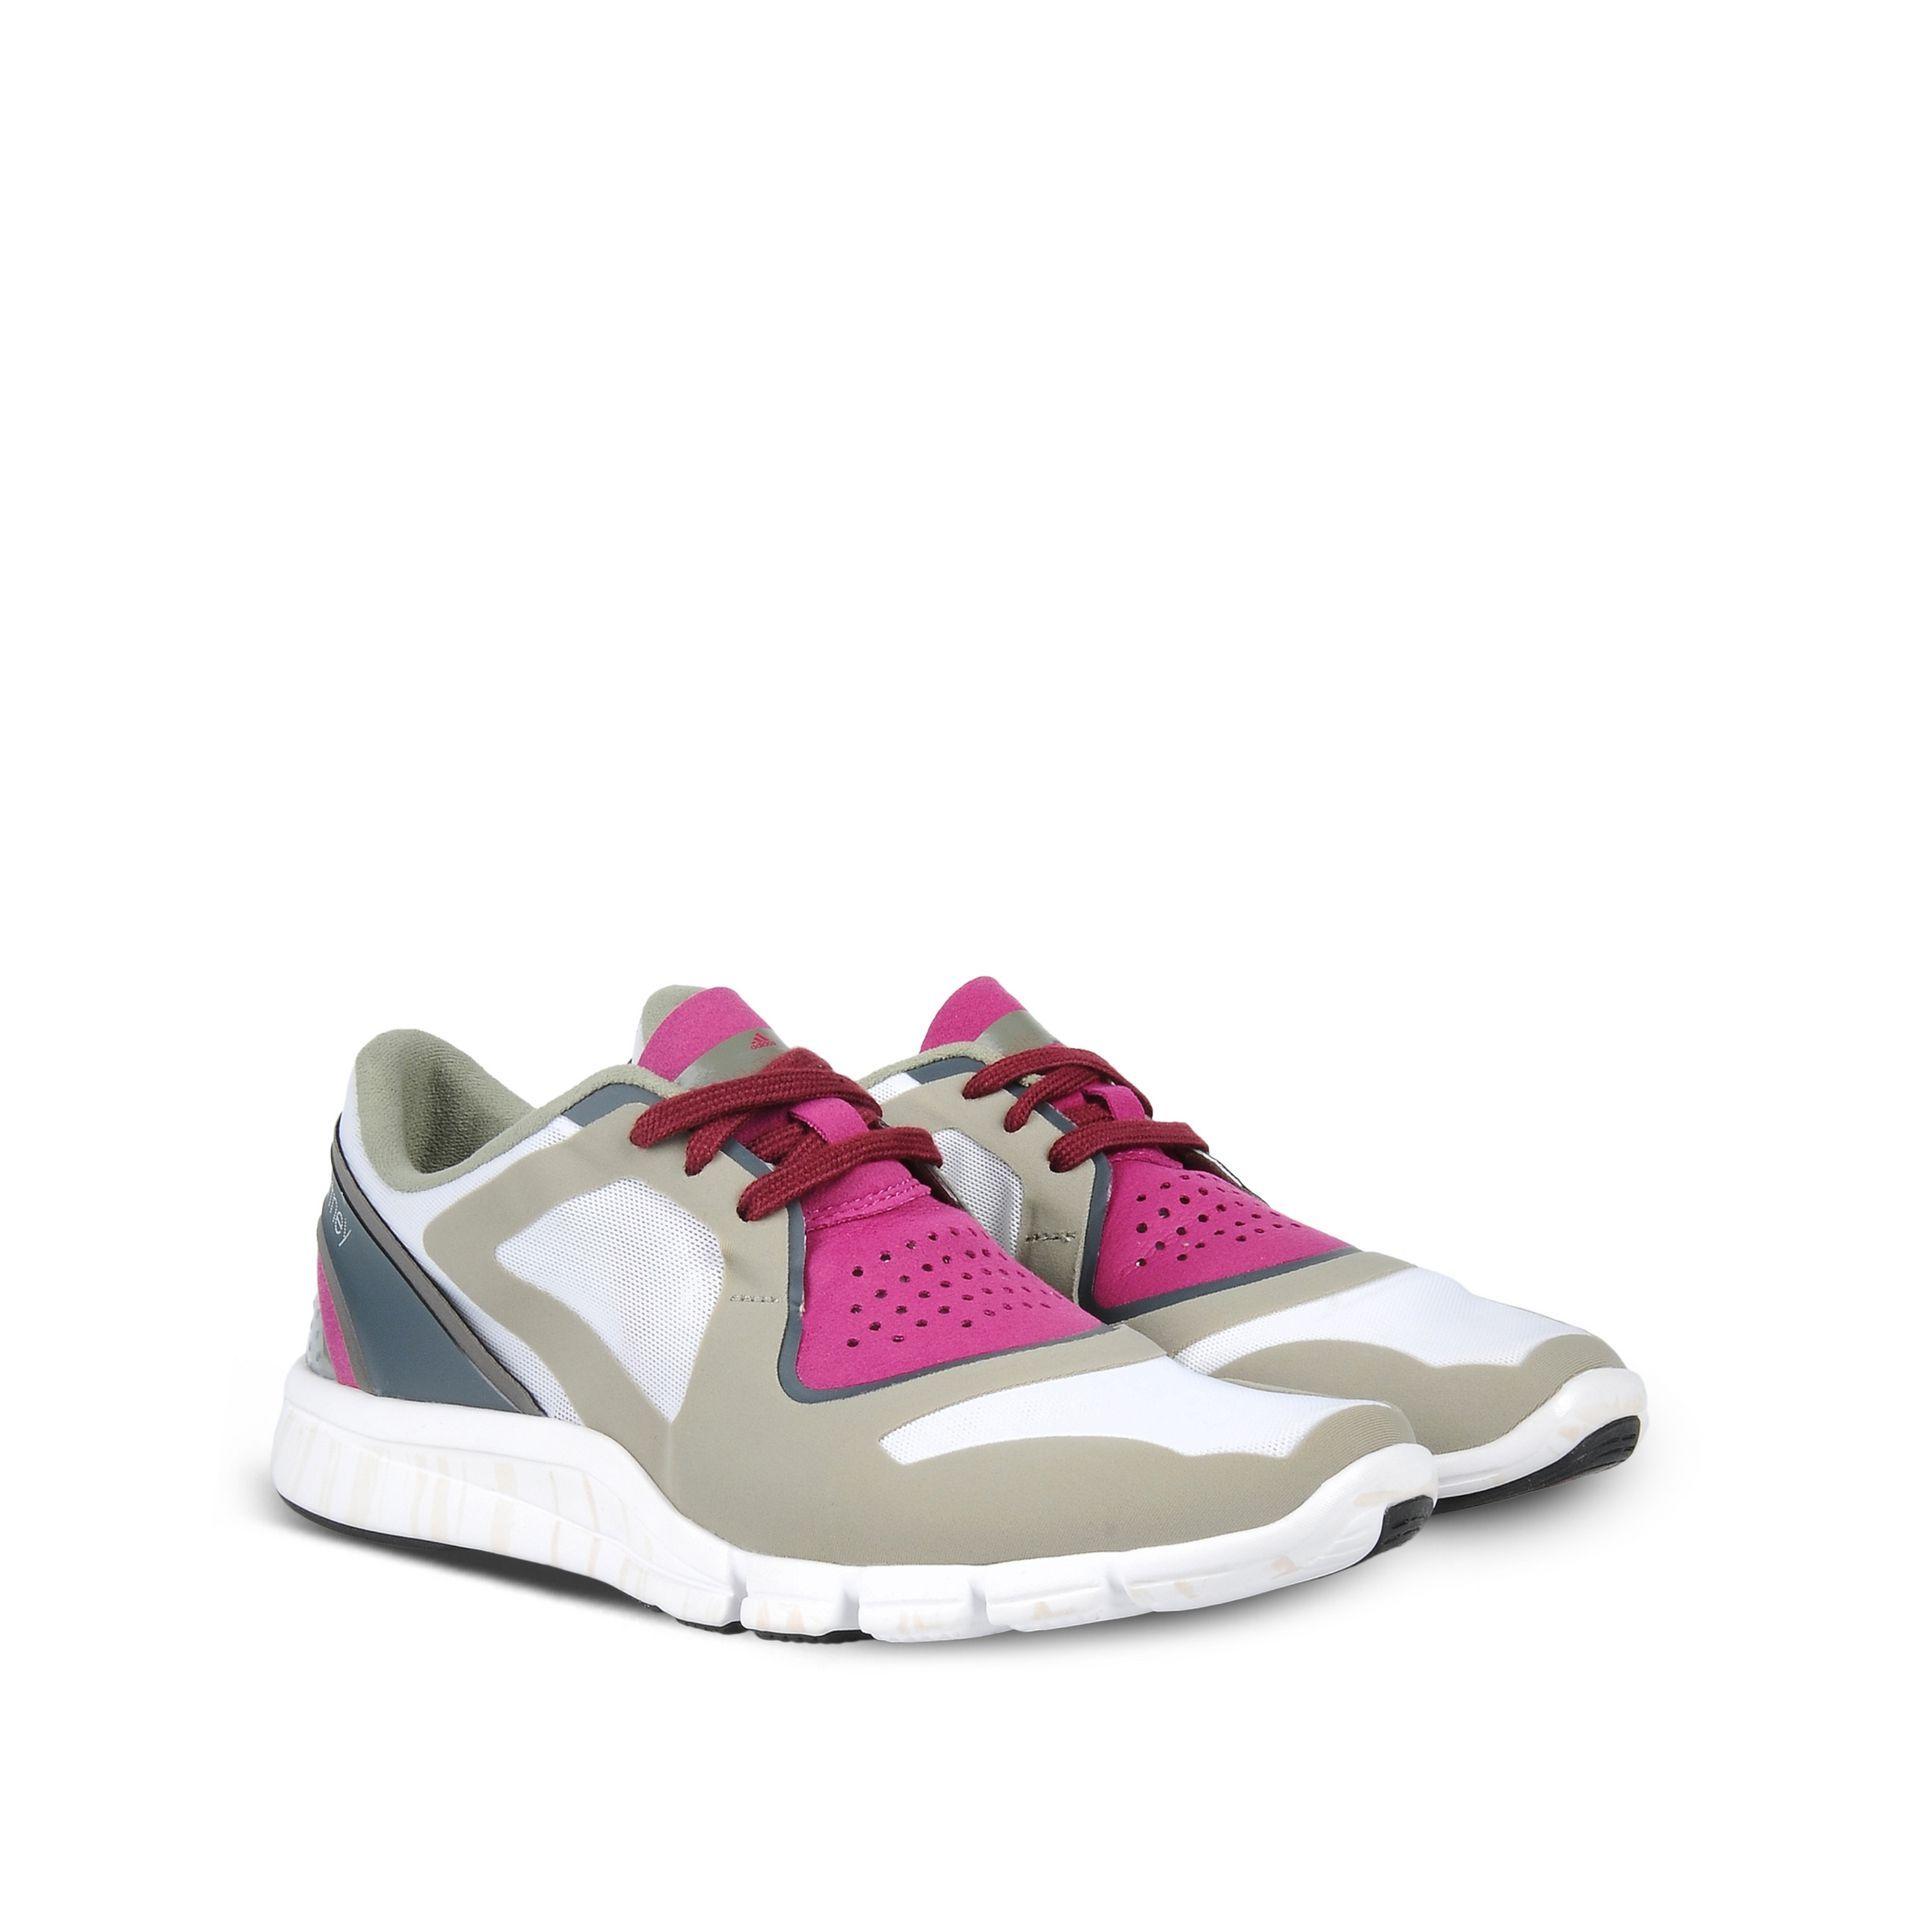 Alayta Running Shoes - ADIDAS BY STELLA  MCCARTNEY